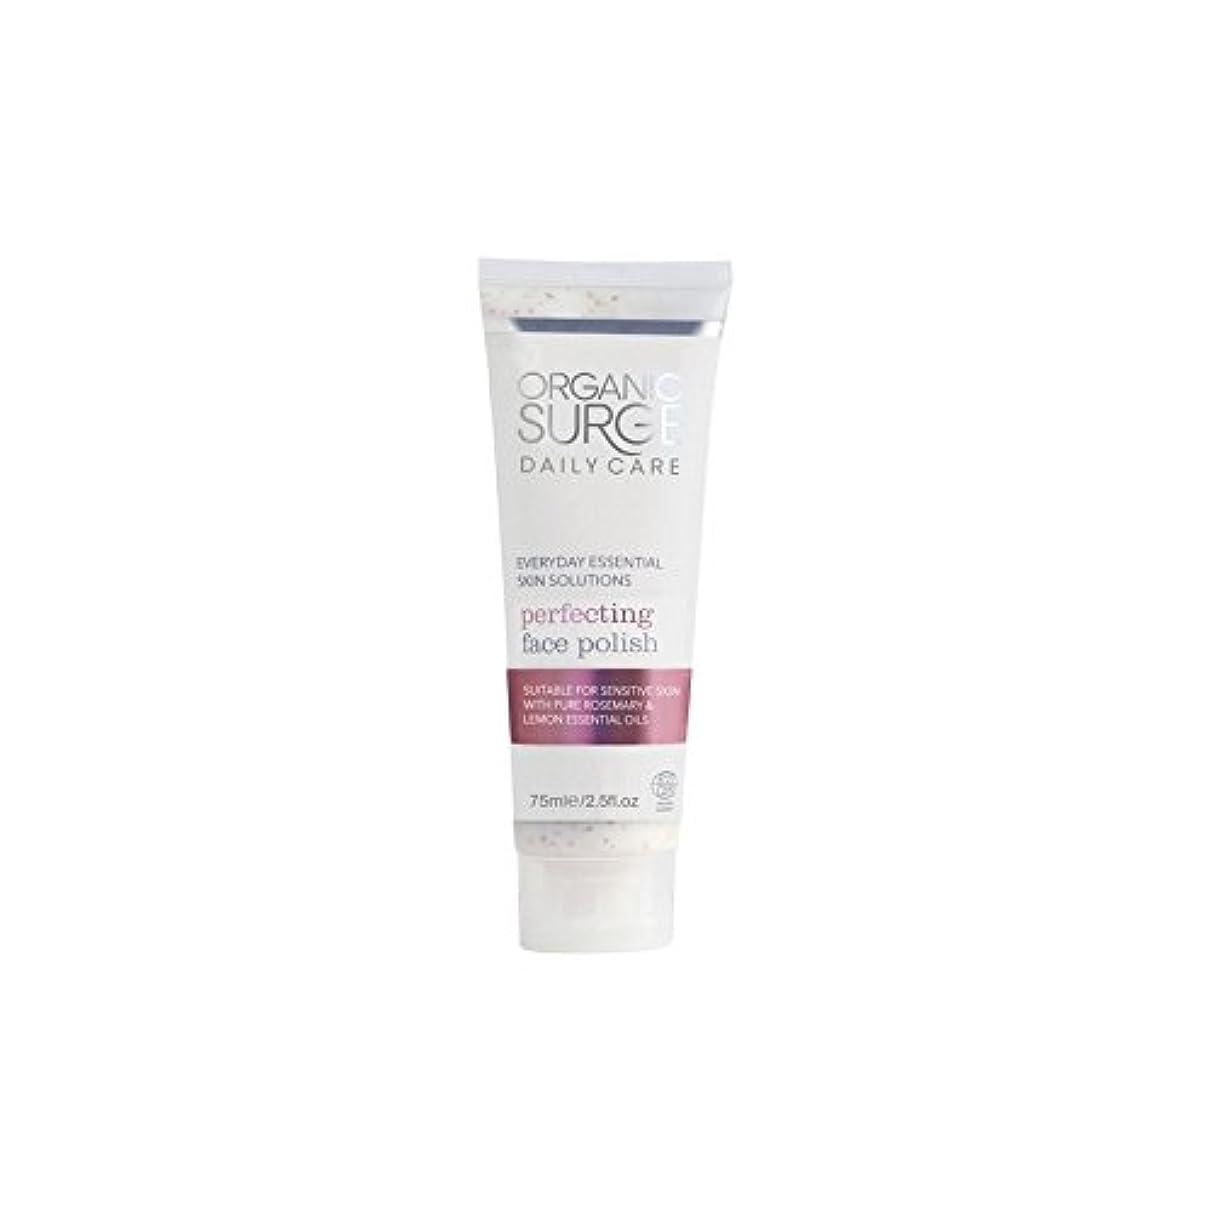 請求可能浮く生じるOrganic Surge Daily Care Perfecting Face Polish (75ml) (Pack of 6) - 面研磨を完成有機サージ毎日のケア(75ミリリットル) x6 [並行輸入品]